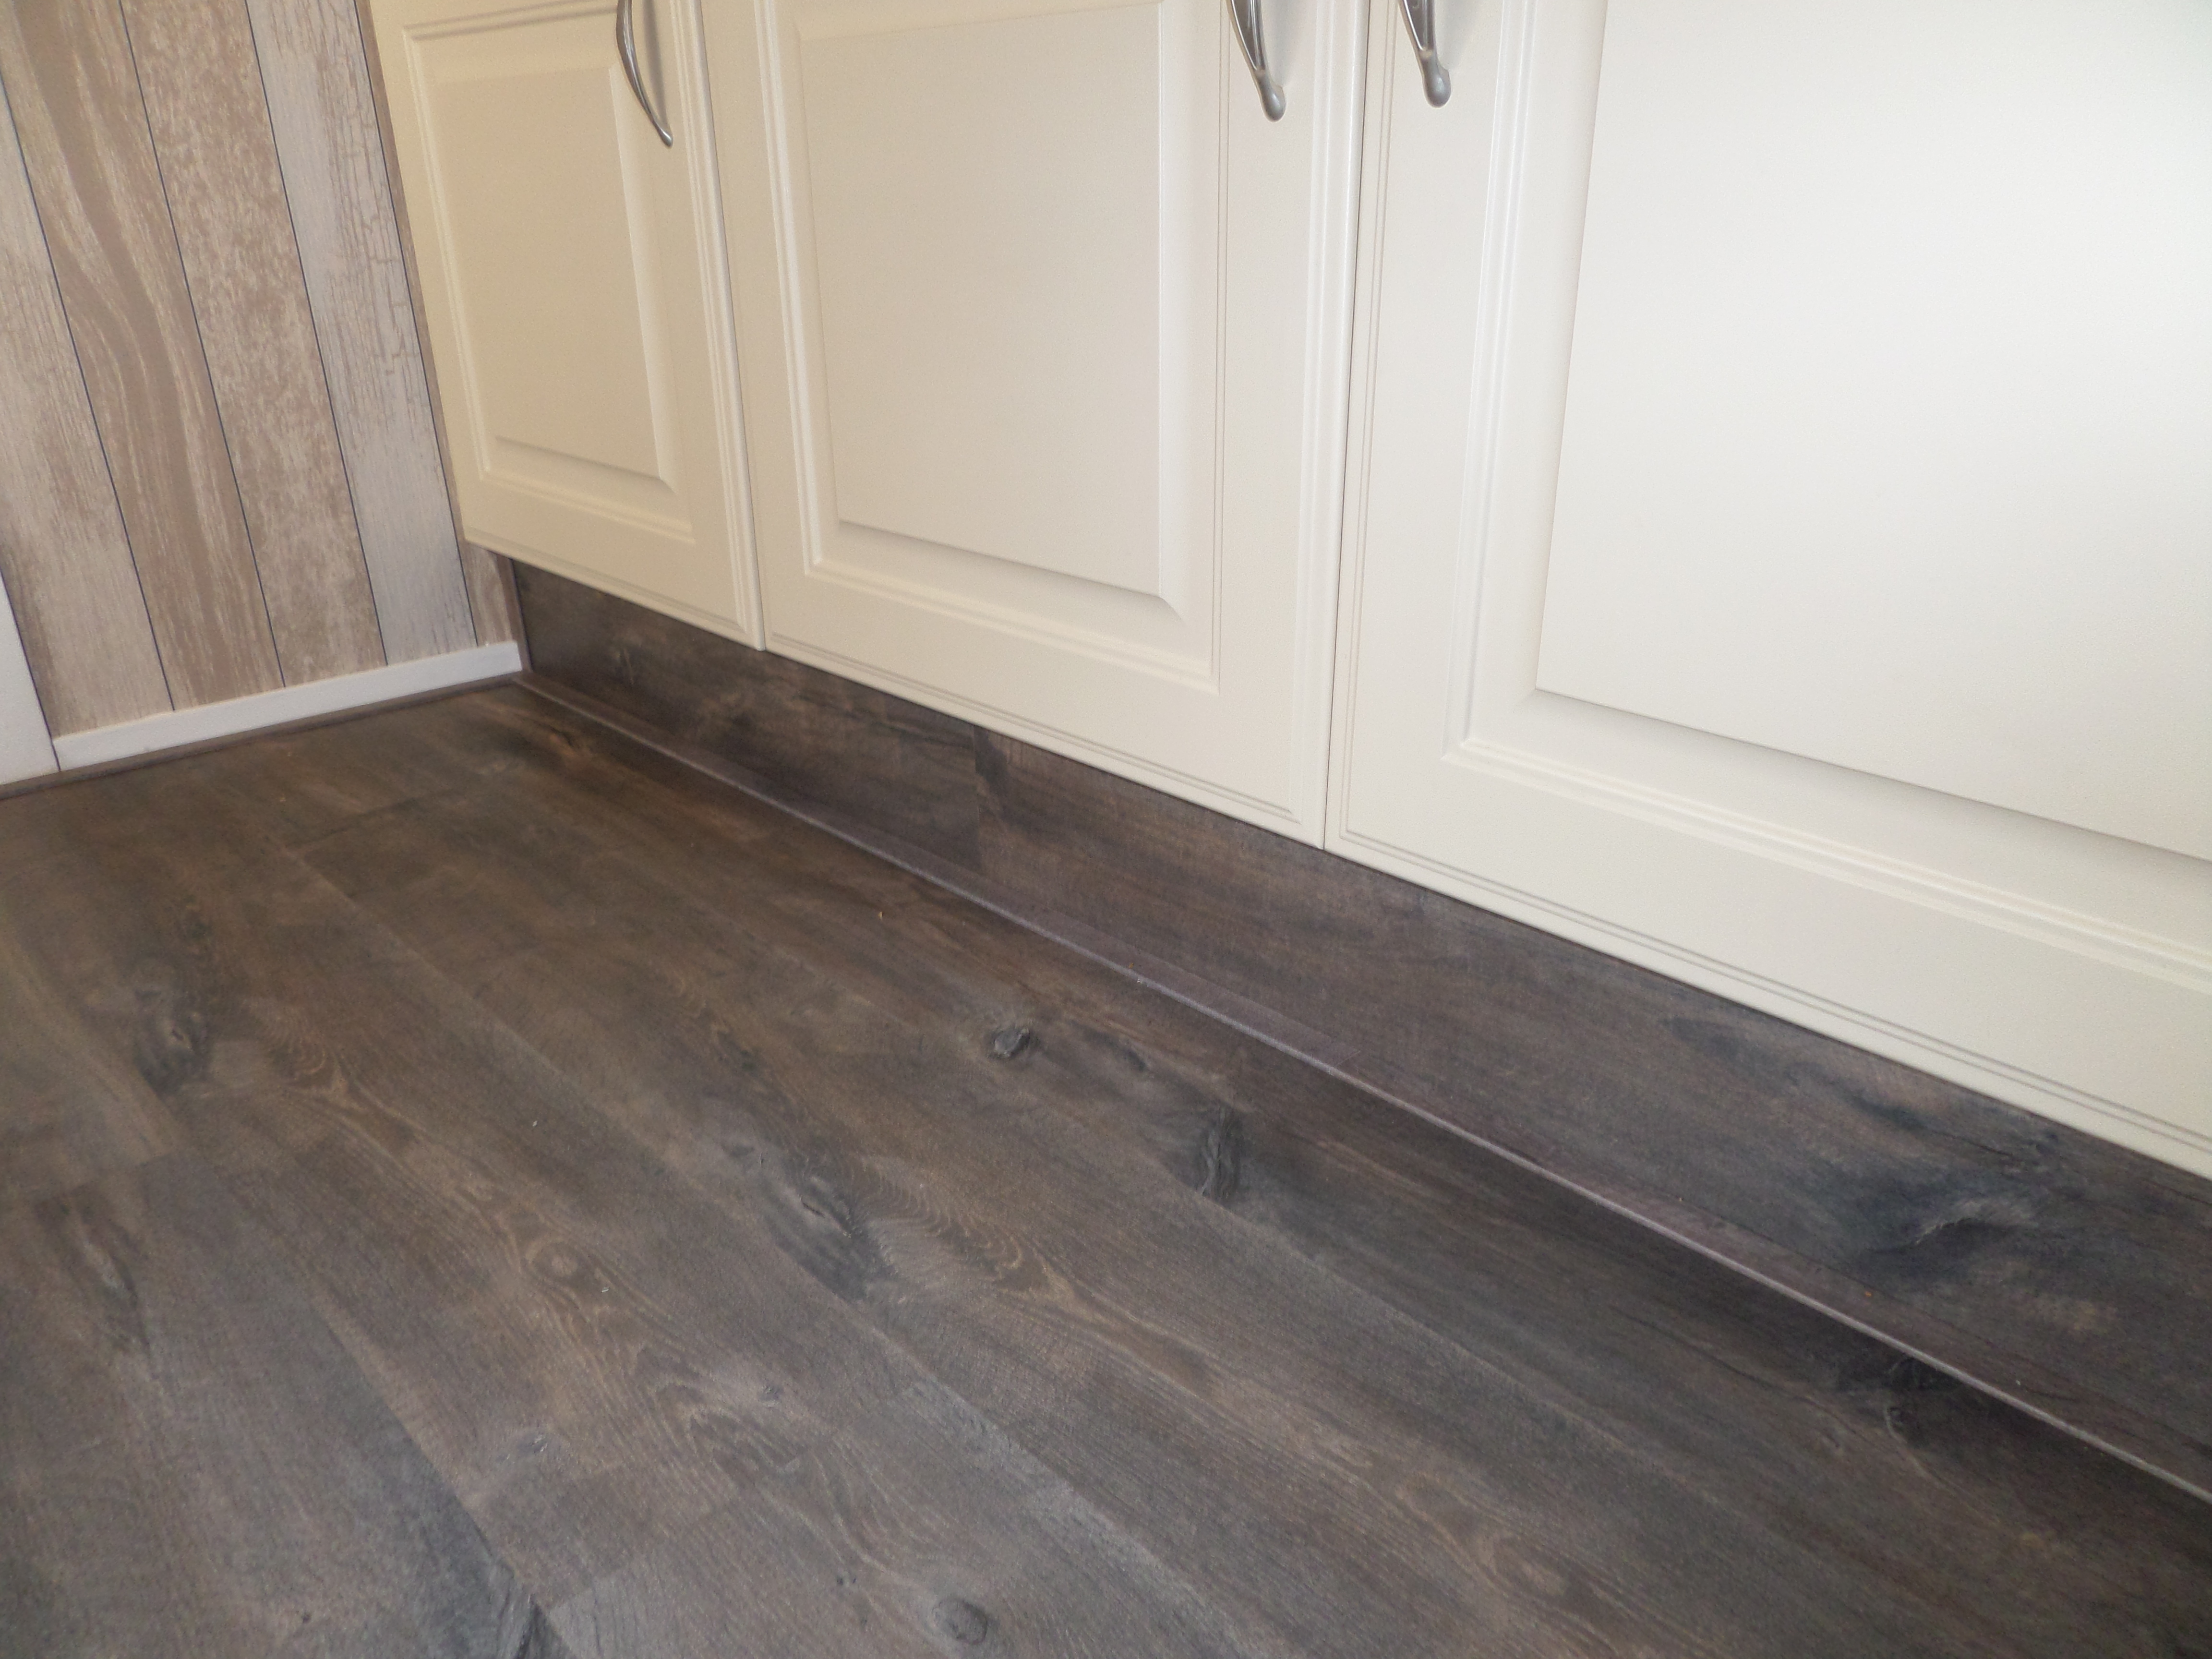 laminaat vloer leggen quick step voordemakers